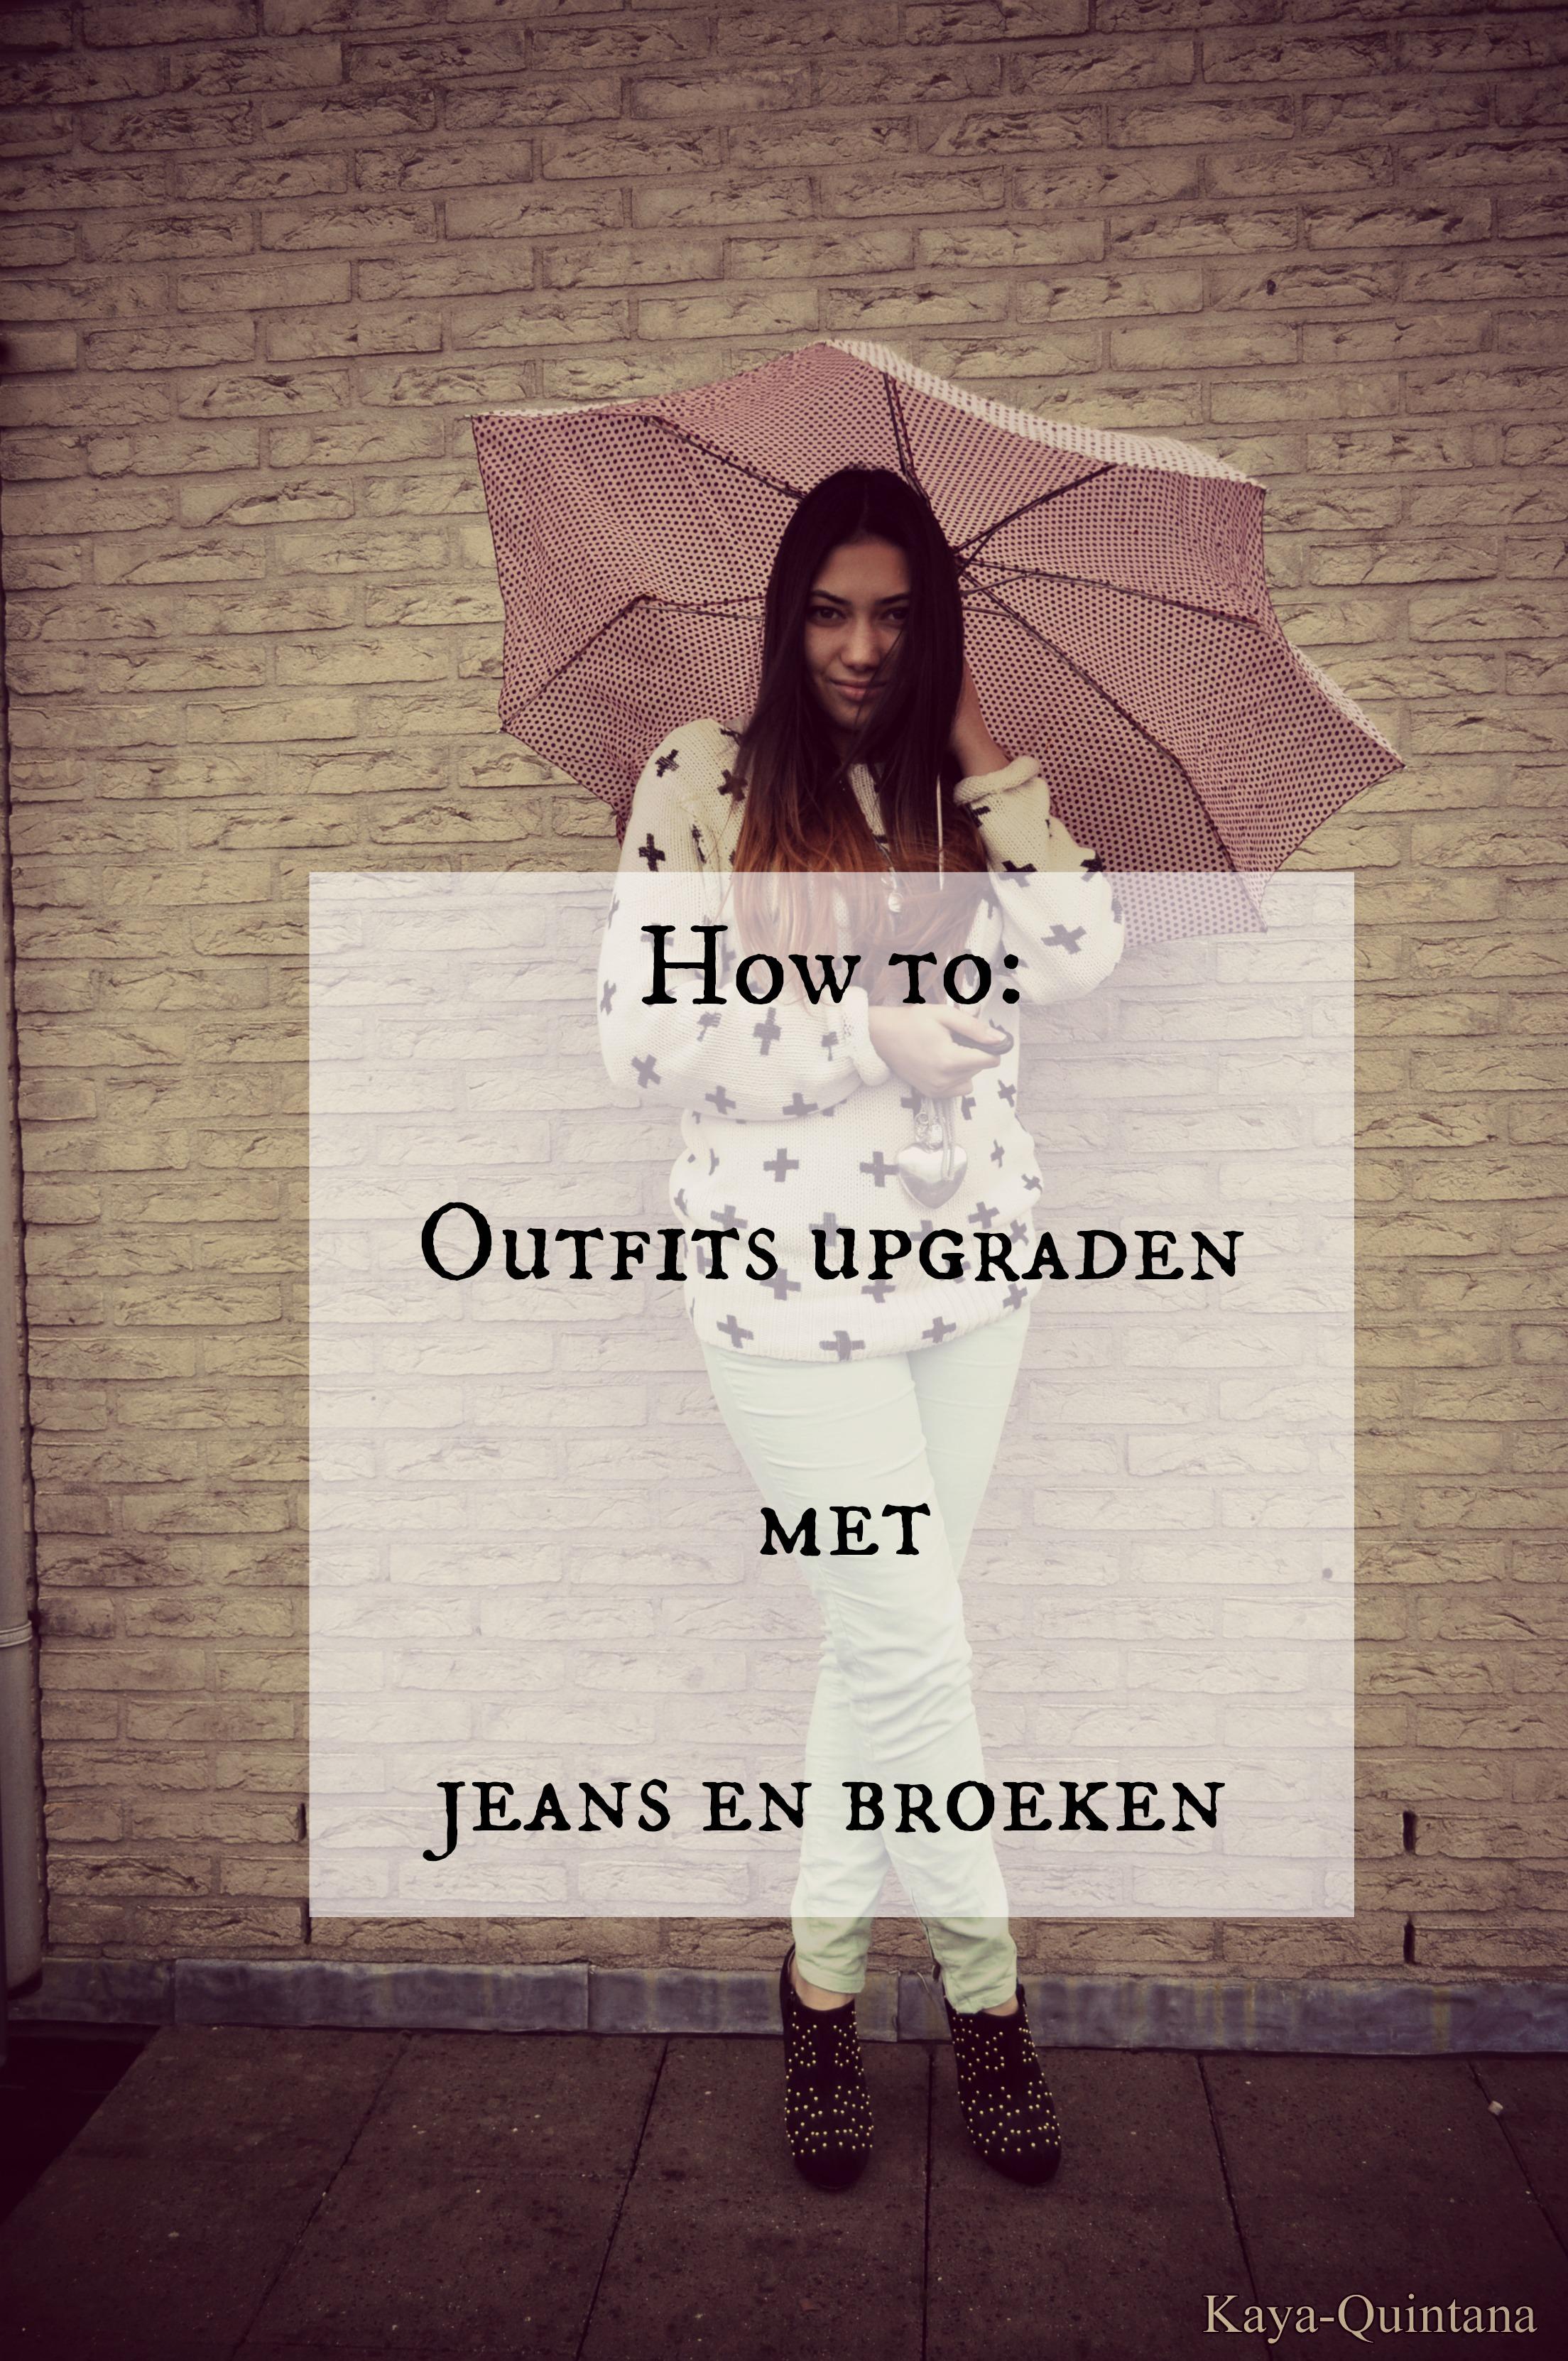 how to outfits upgraden met jeans en broeken